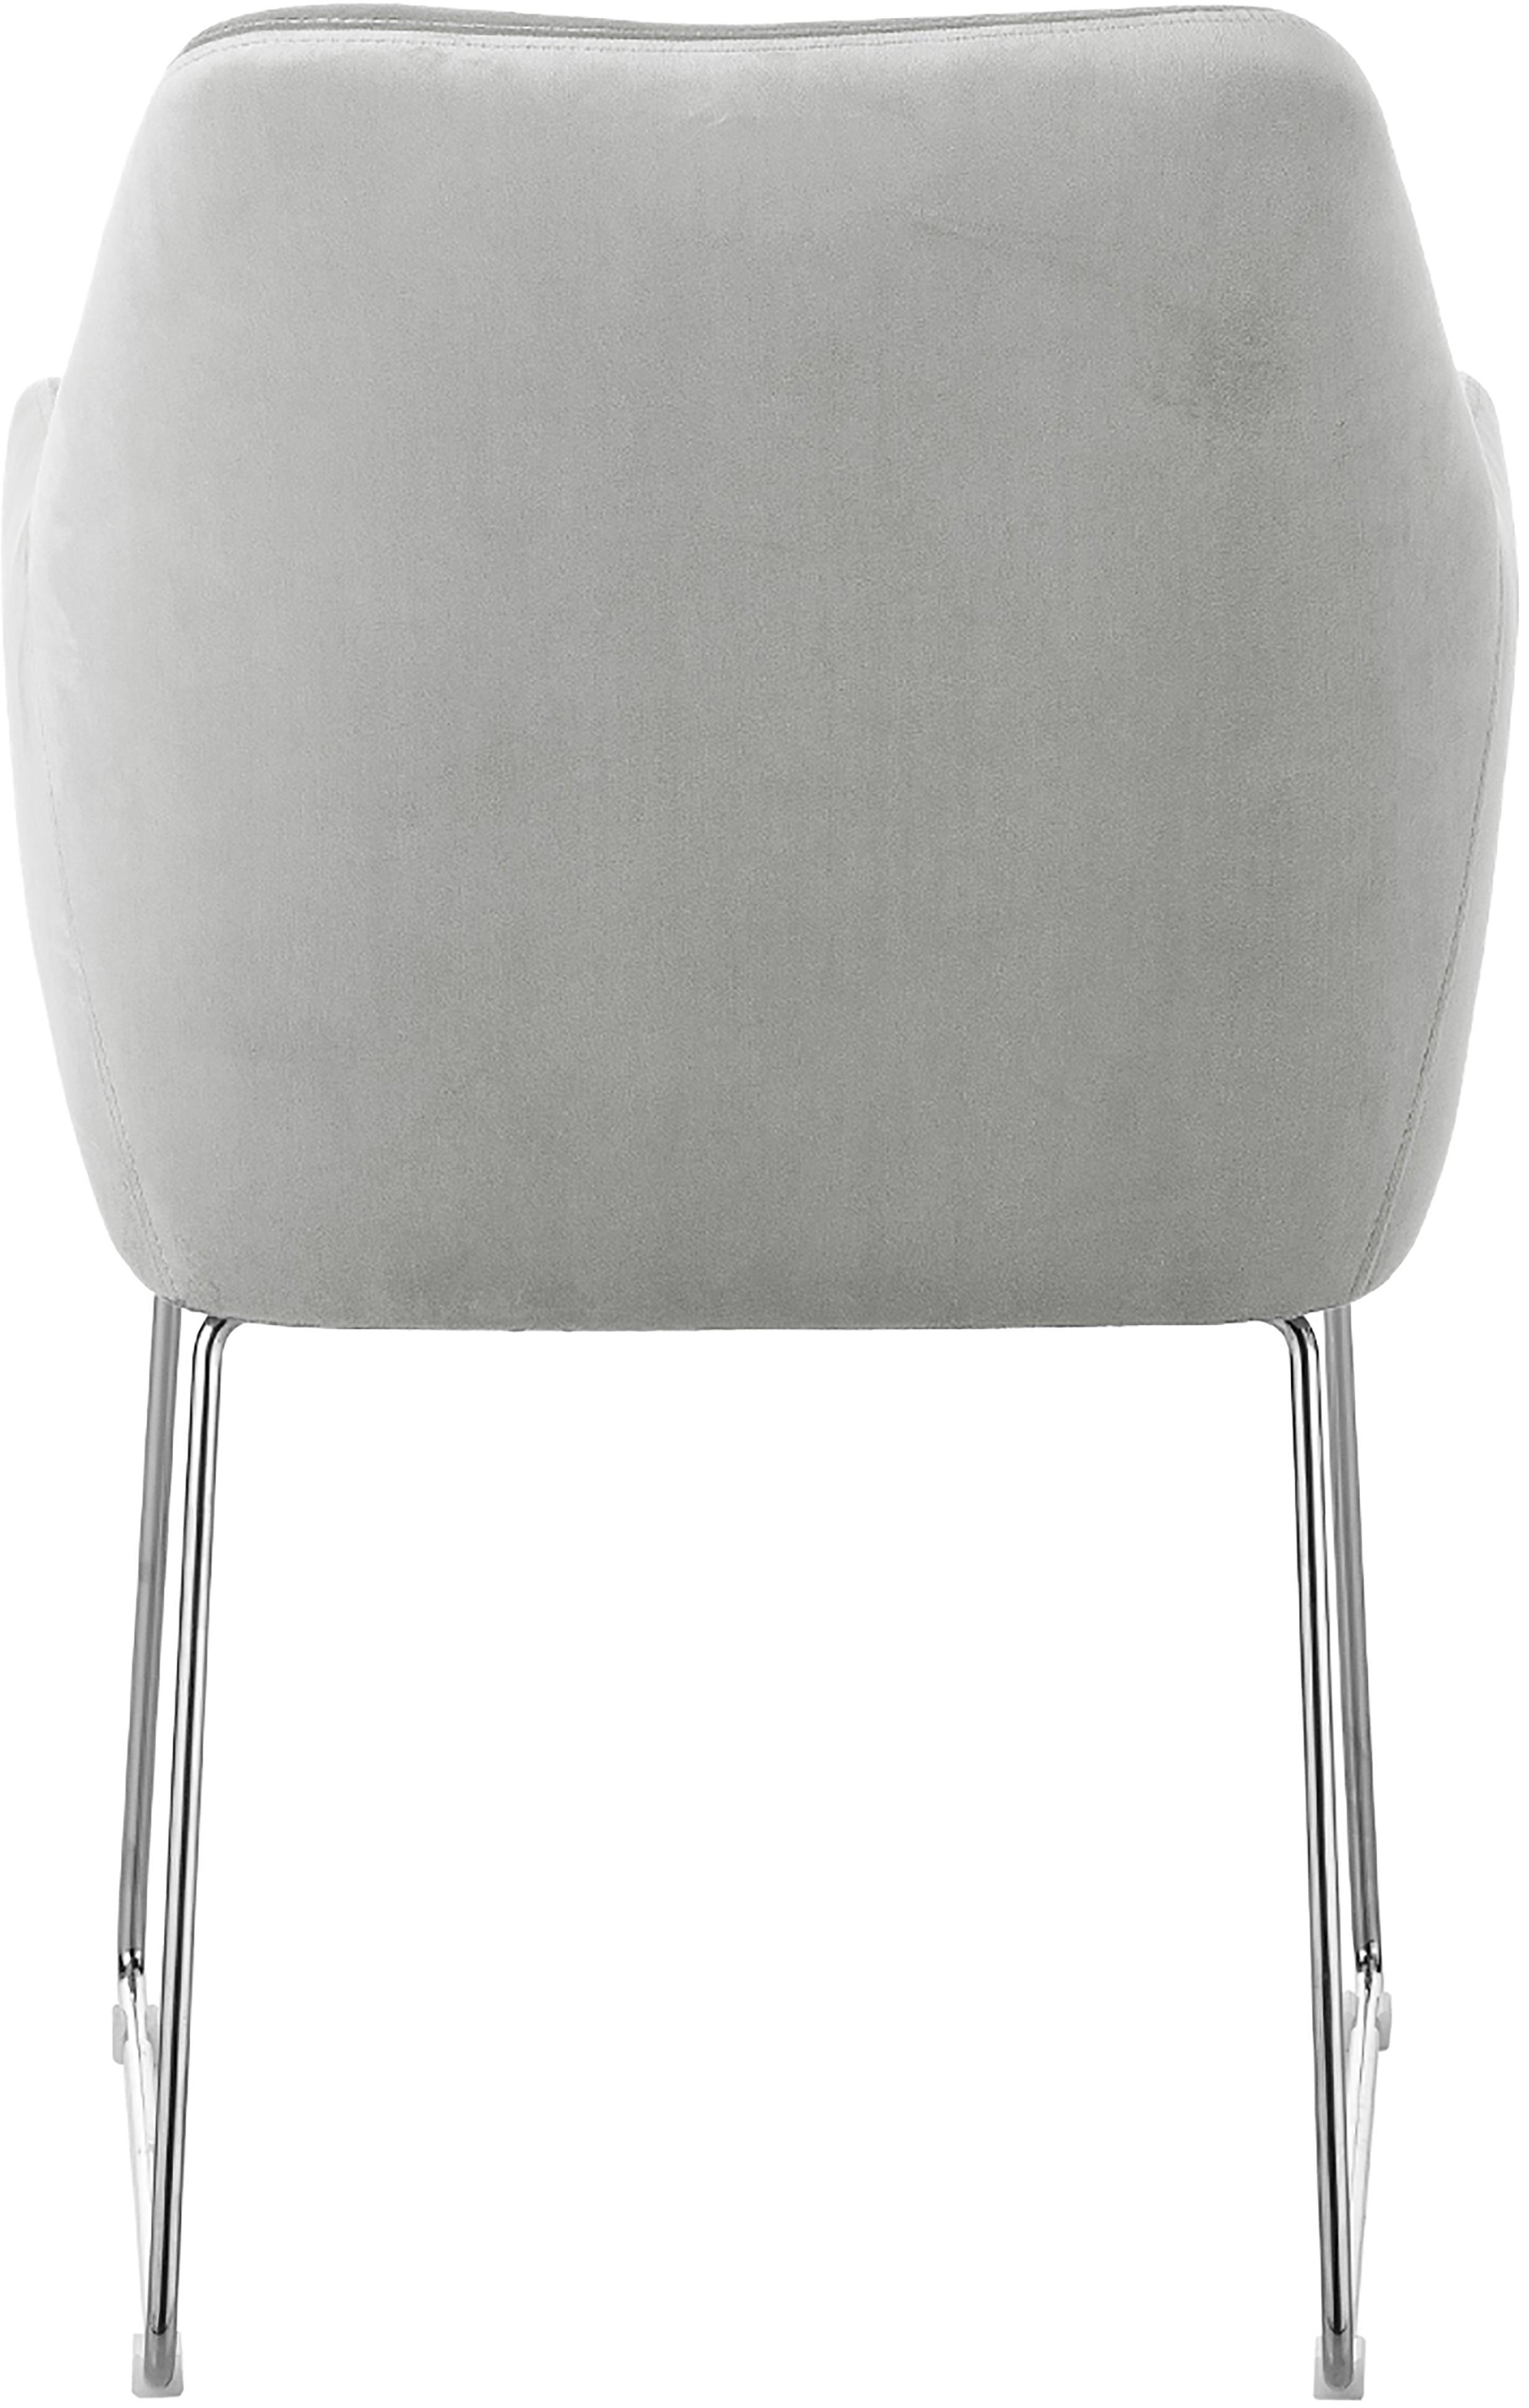 Fluwelen armstoel Isla, Bekleding: fluweel (polyester) De be, Poten: gecoat metaal, Fluweel lichtgrijs, poten zilverkleurig, B 58 x D 62 cm